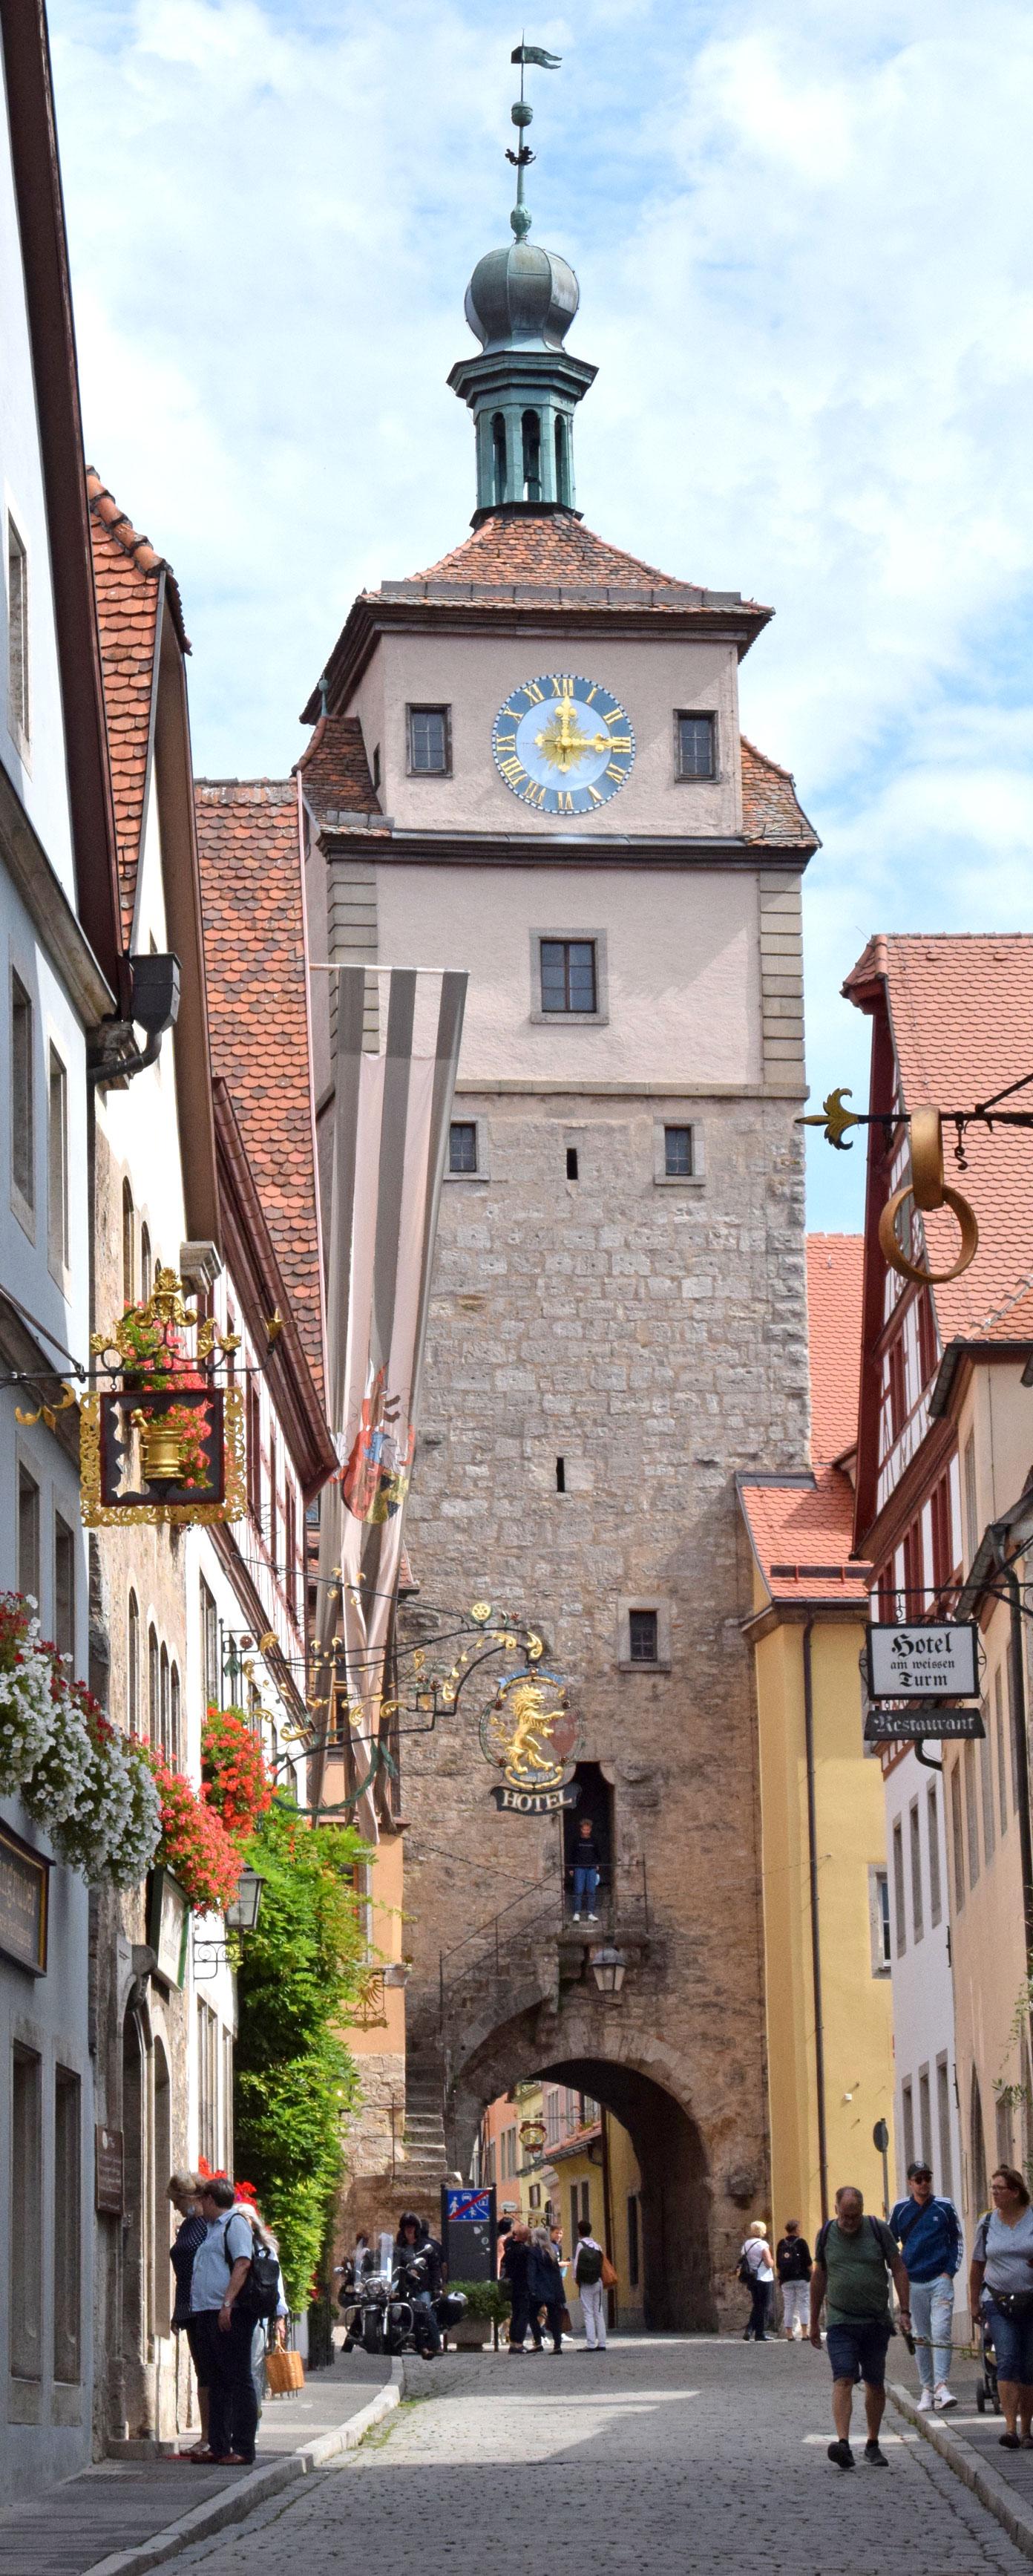 Touristen am weißen Turm. Foto: am